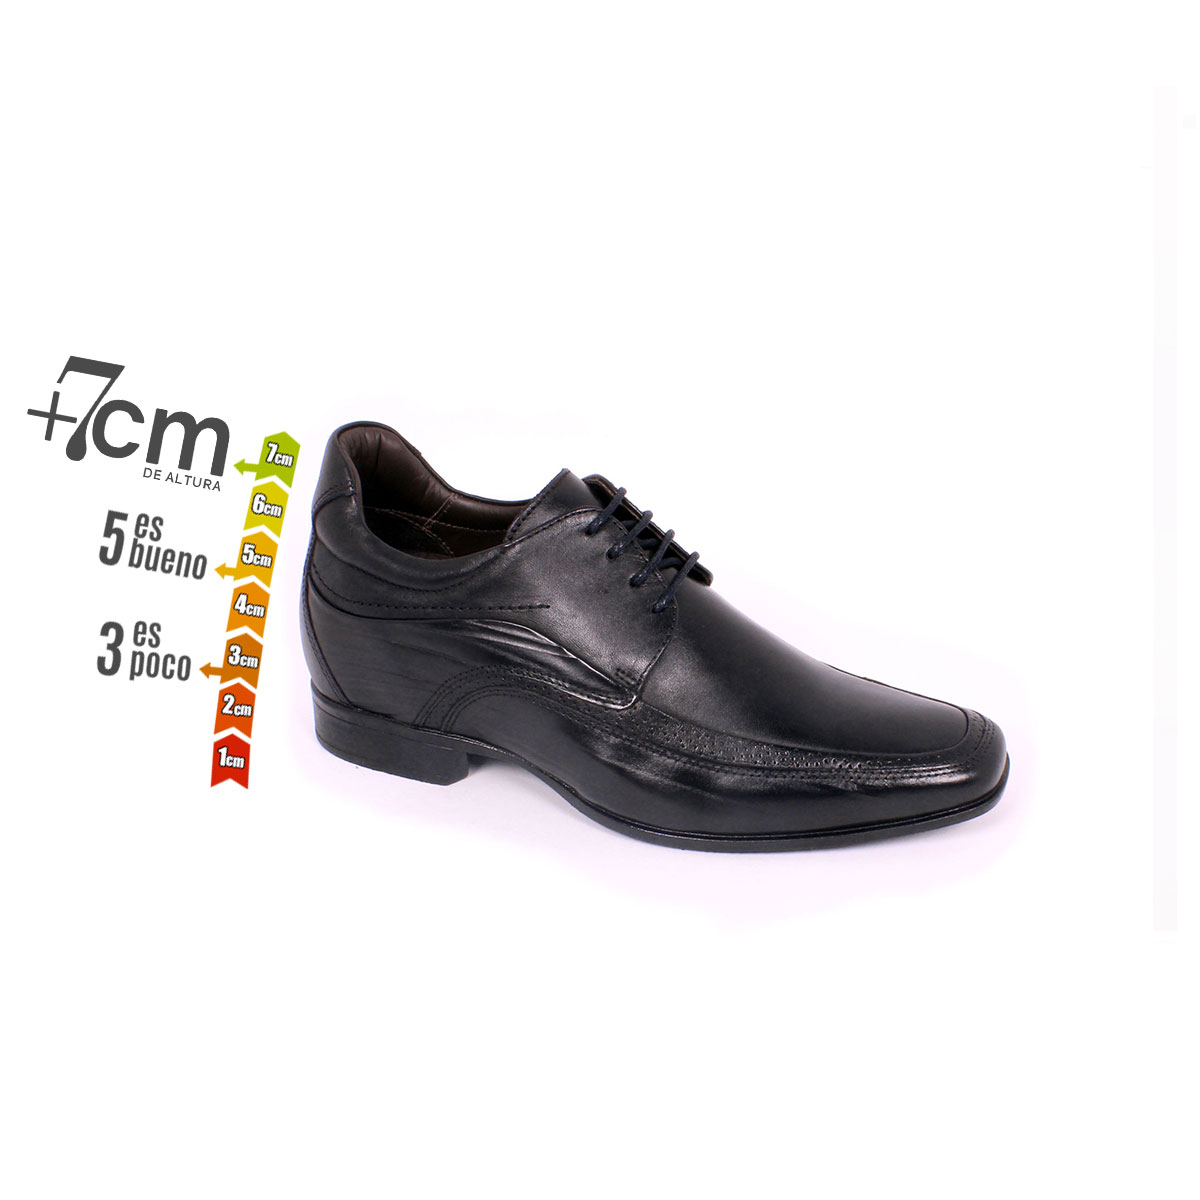 Zapato Formal Manager Negro Max Denegri +7cm de Altura_74159